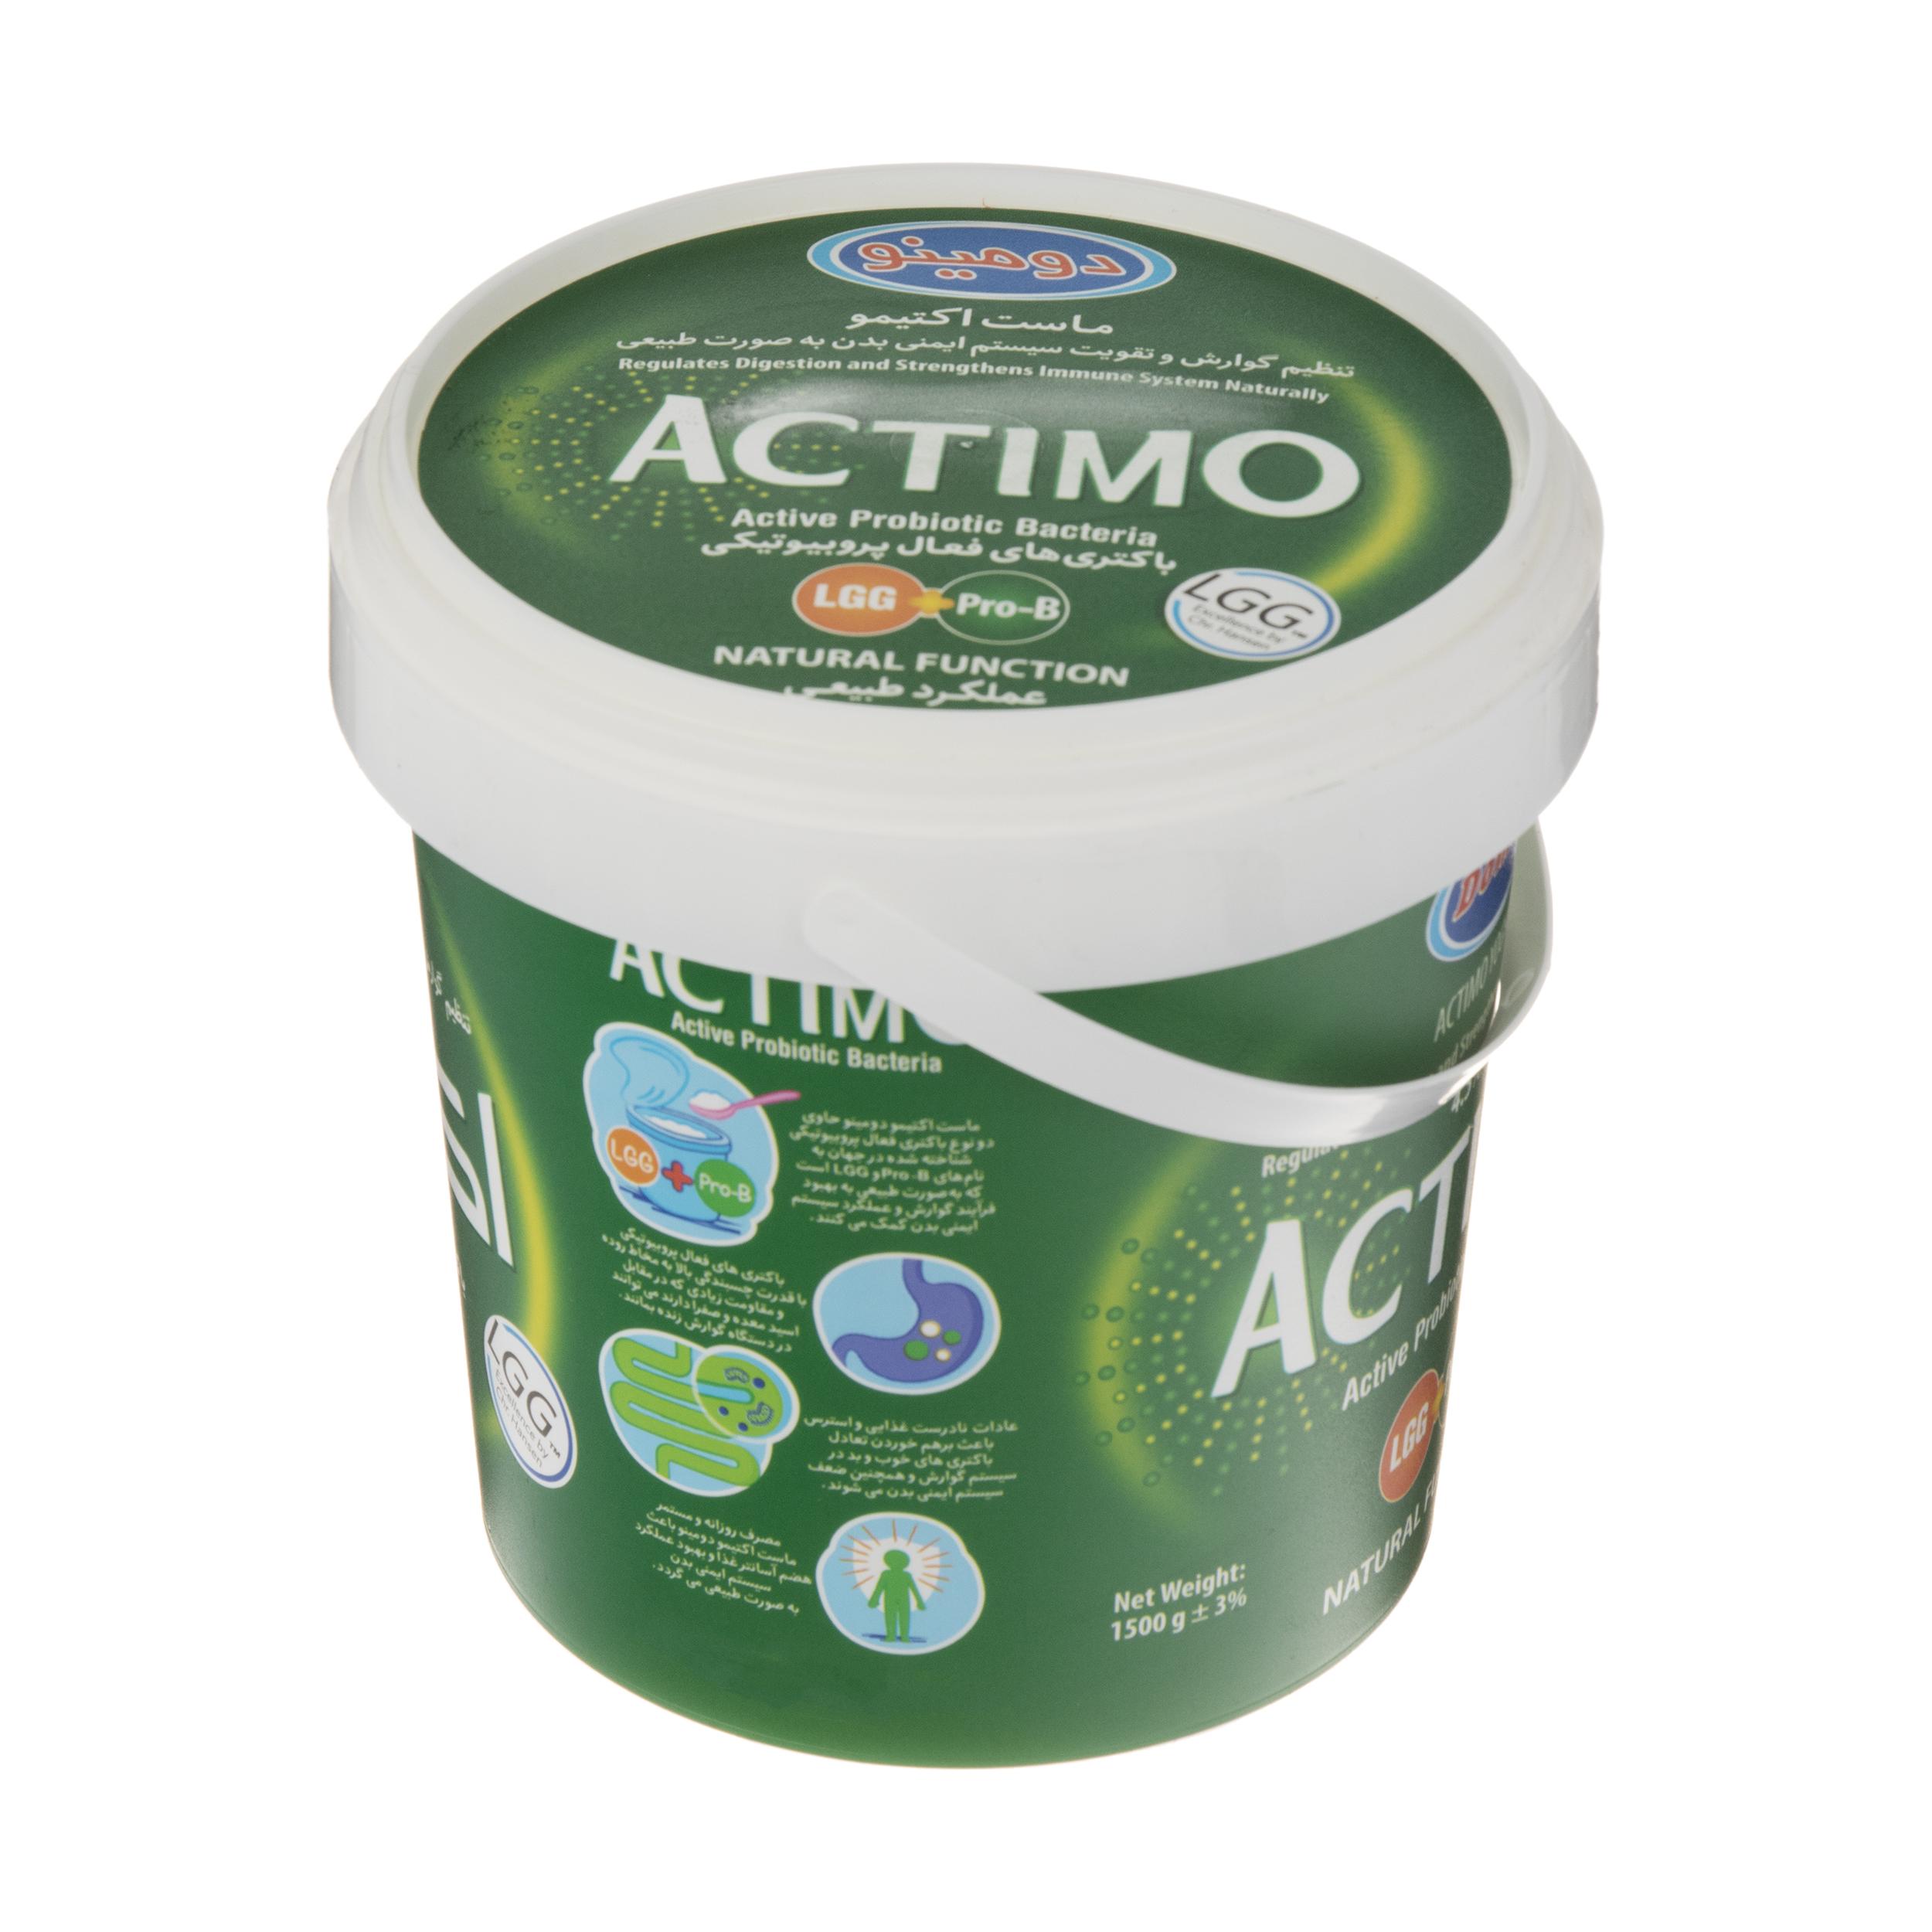 ماست اکتیمو دومینو - 1.5 کیلوگرم